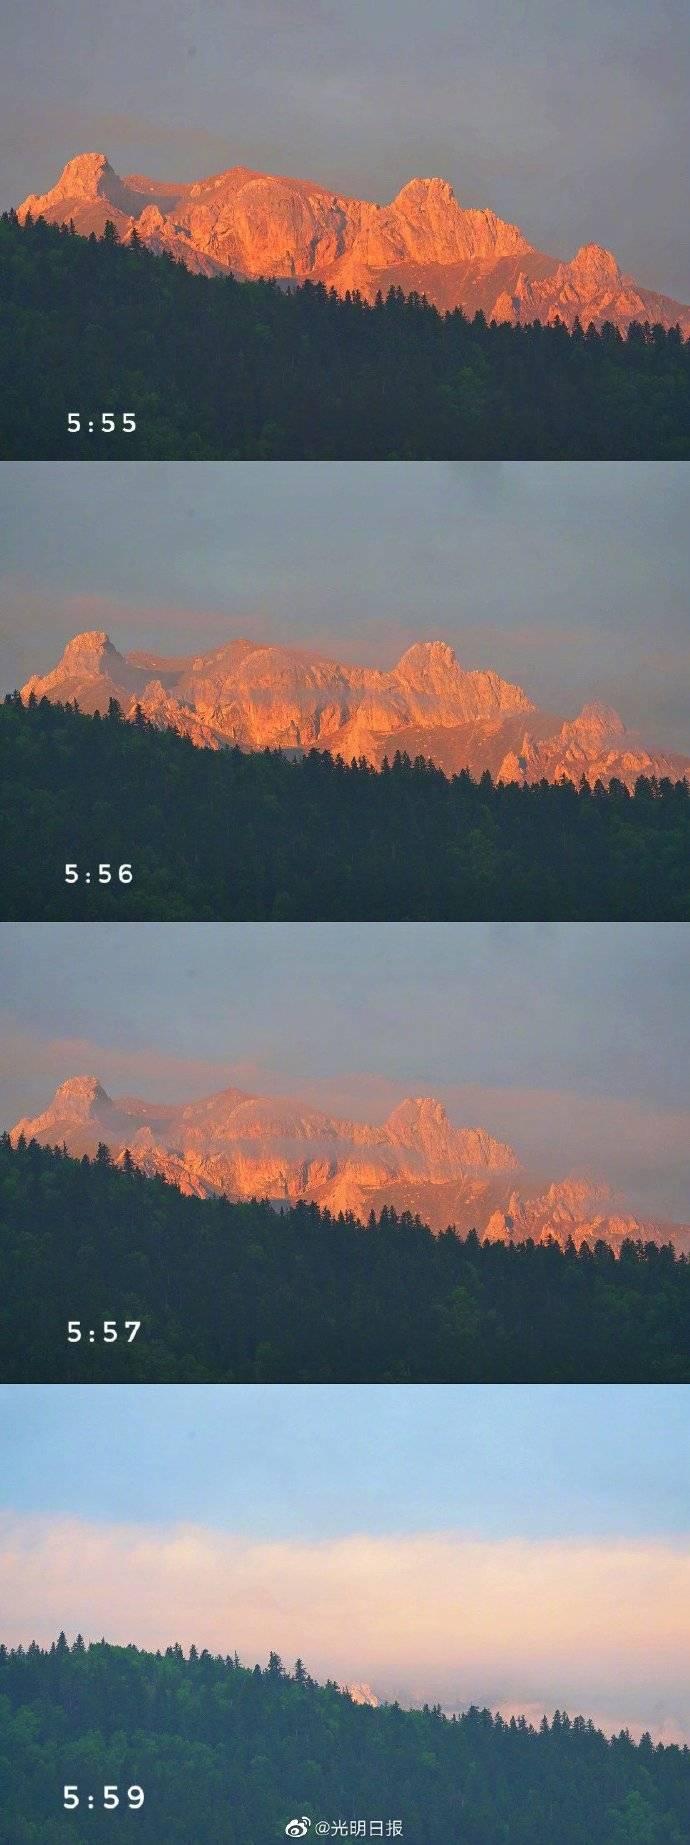 """""""日照金山""""的奇观出现在甘南 虎头山中。"""